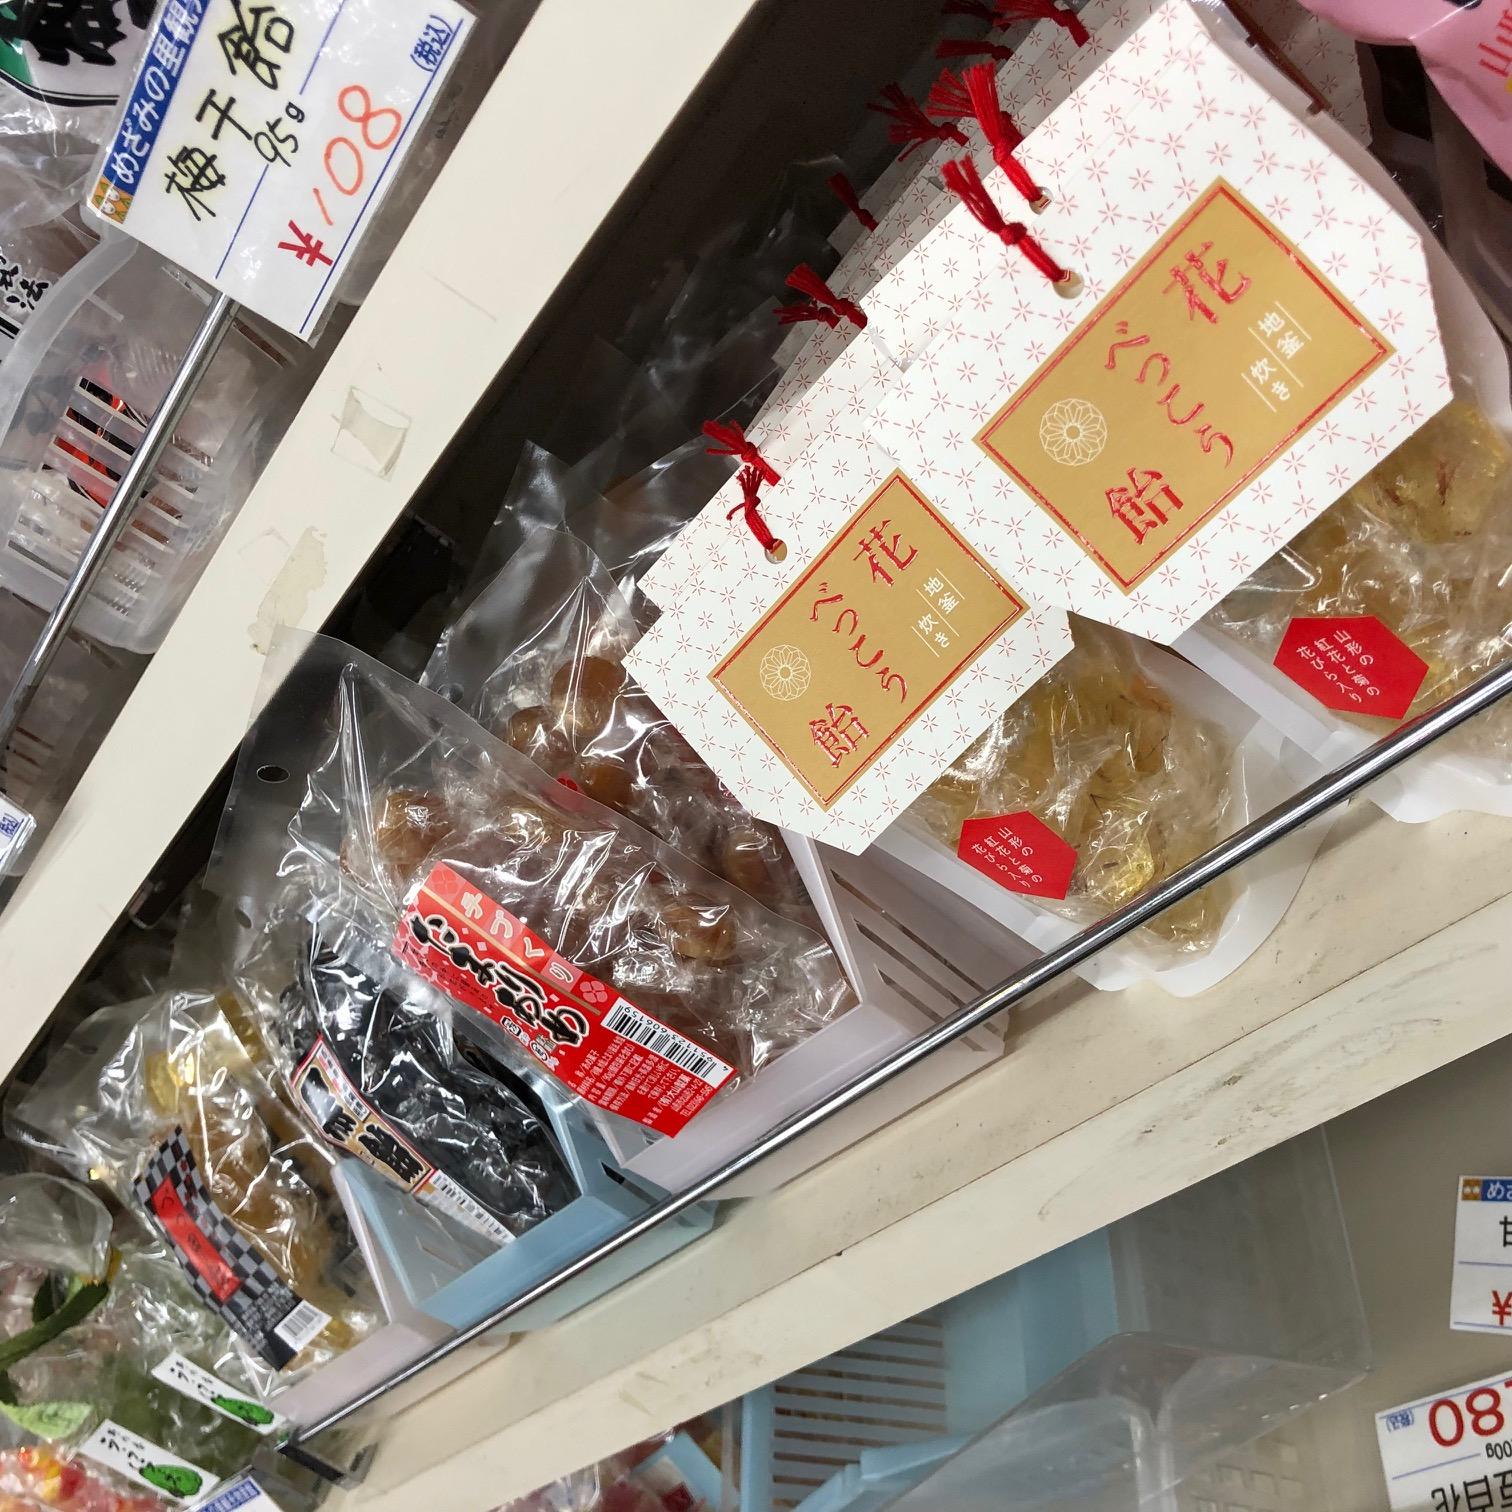 山形県唯一の飴屋さん:画像